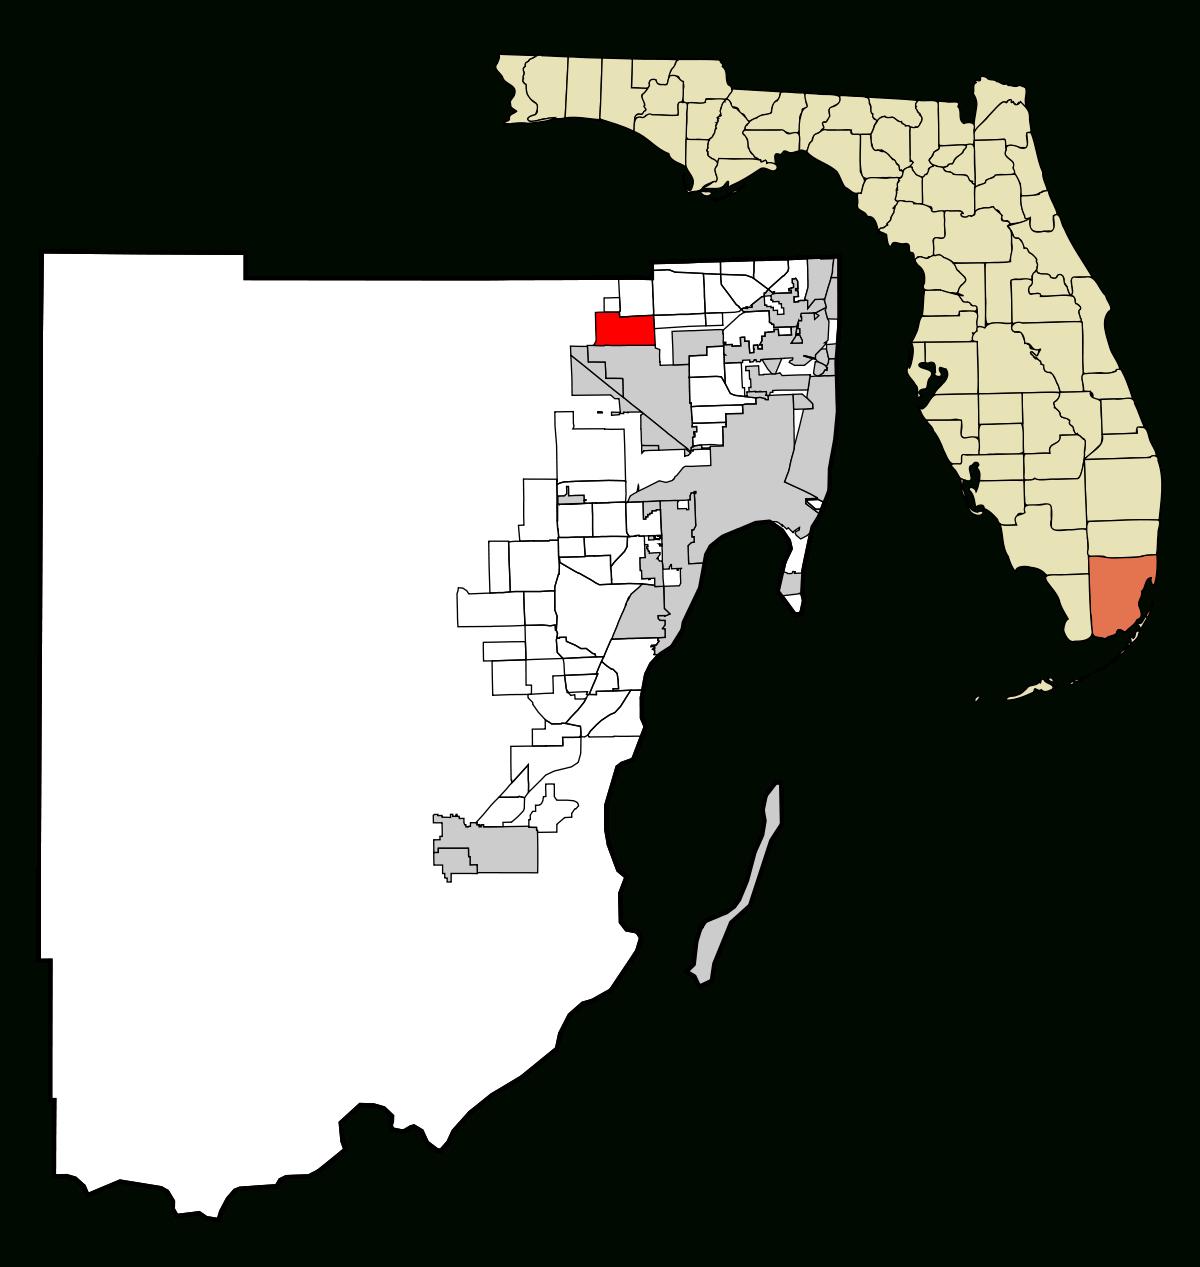 Miami Lakes, Florida - Wikipedia - Miami Lakes Florida Map